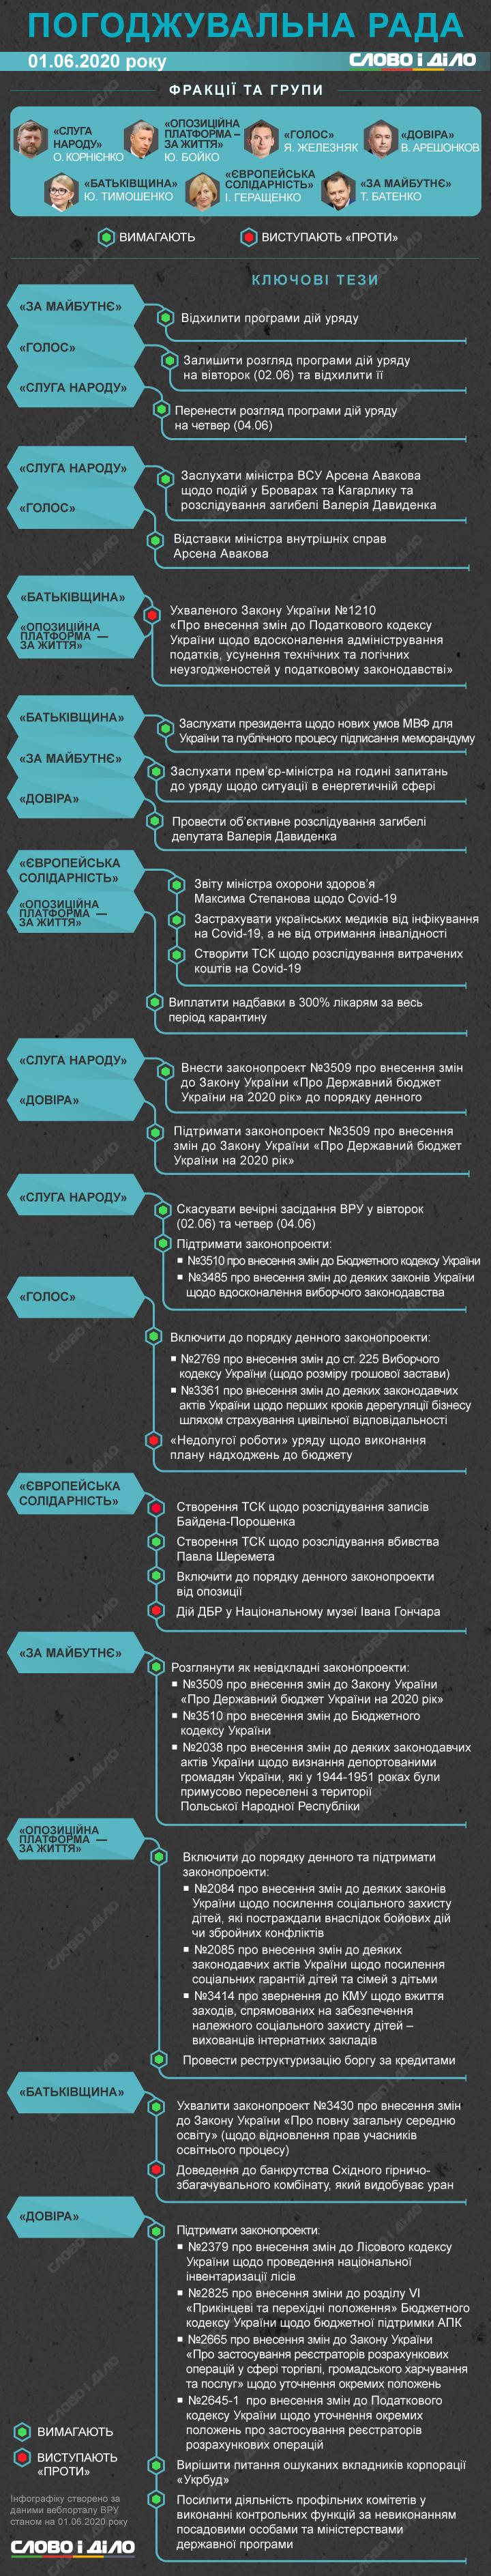 У Верховній раді на цьому тижні розглянуть програму Кабінету міністрів Дениса Шмигаль, яку забракували комітети.